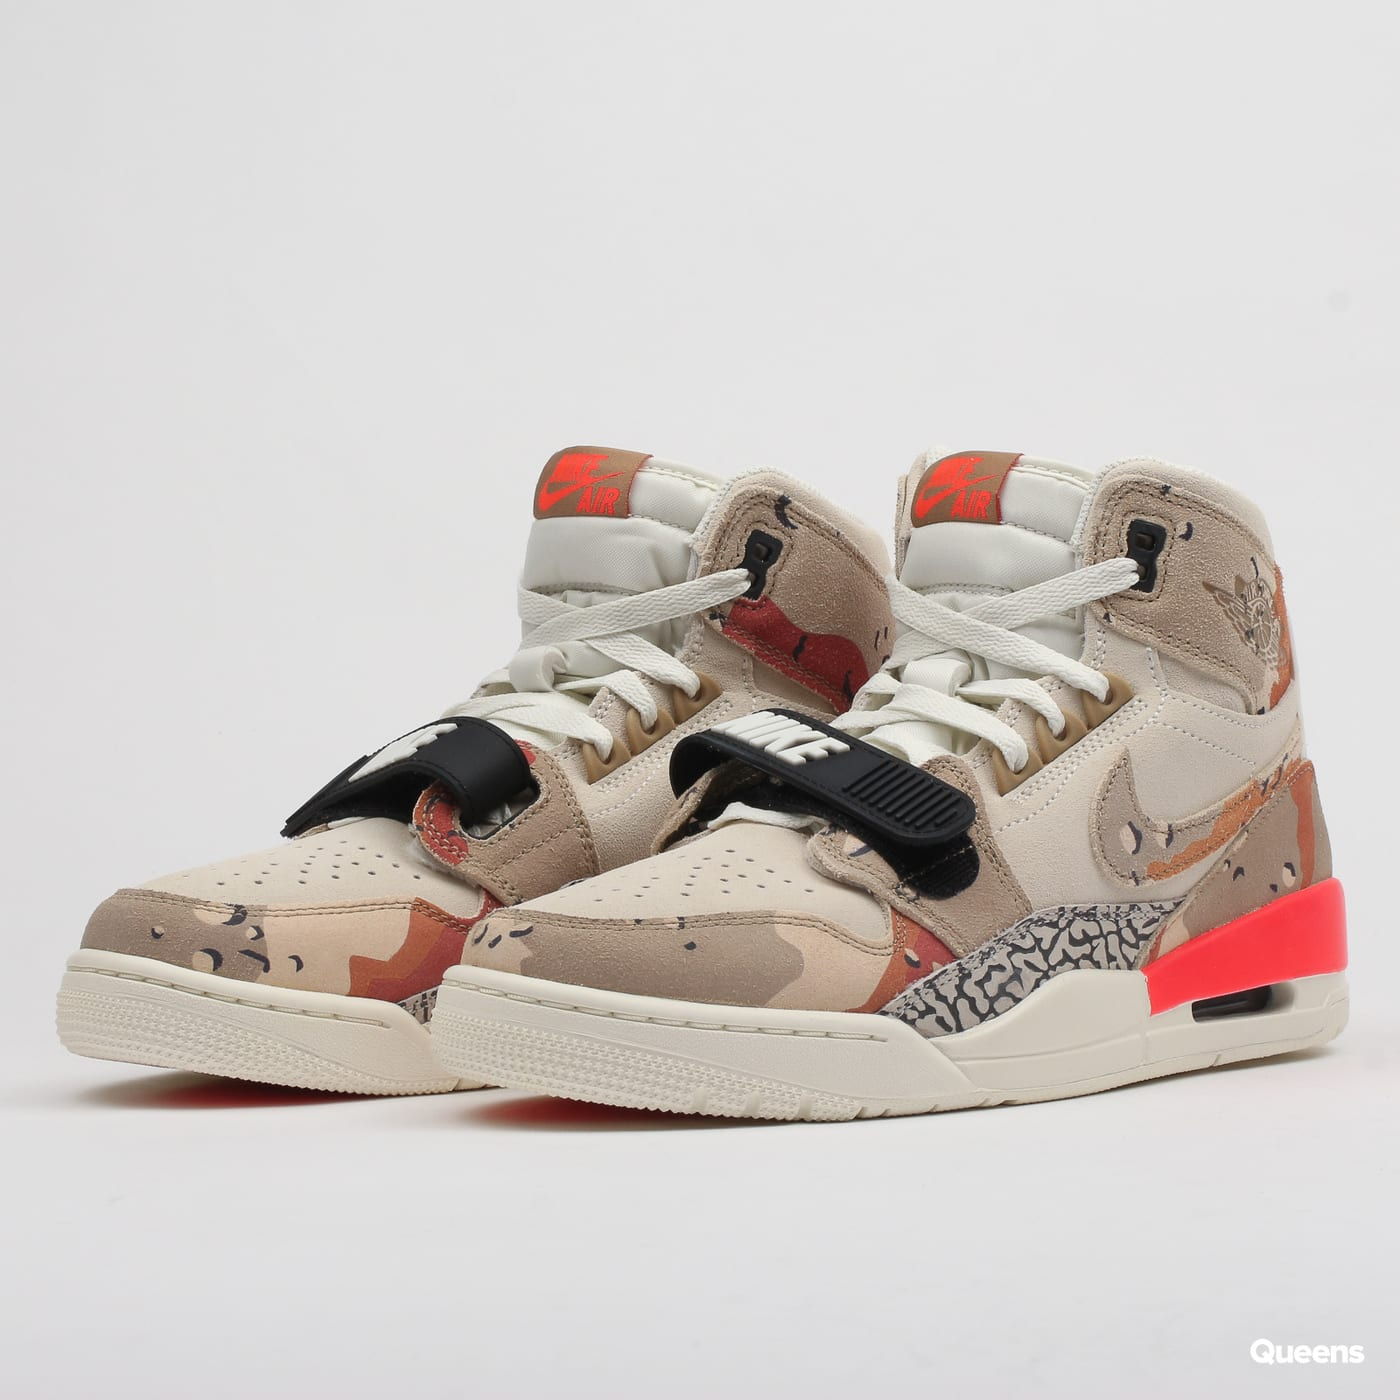 on sale 01e3e ded65 Schuhe Jordan Air Jordan Legacy 312 (AV3922-126)– Queens 💚